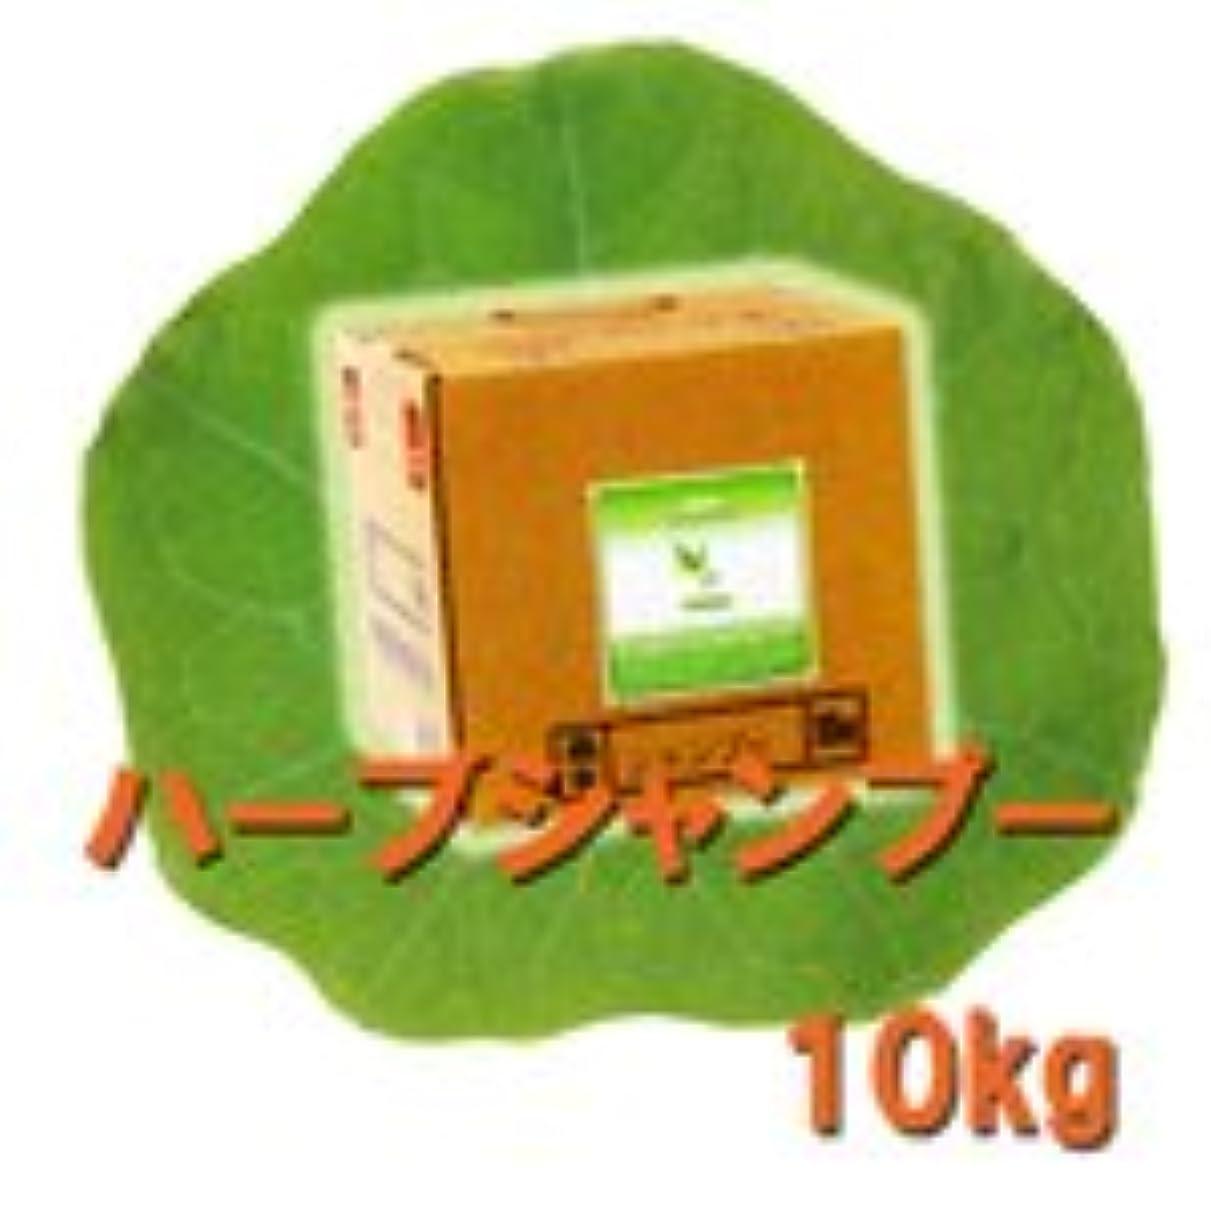 極小お別れシェル中央有機化学 ハーブシリーズ ハーブシャンプー 10kg